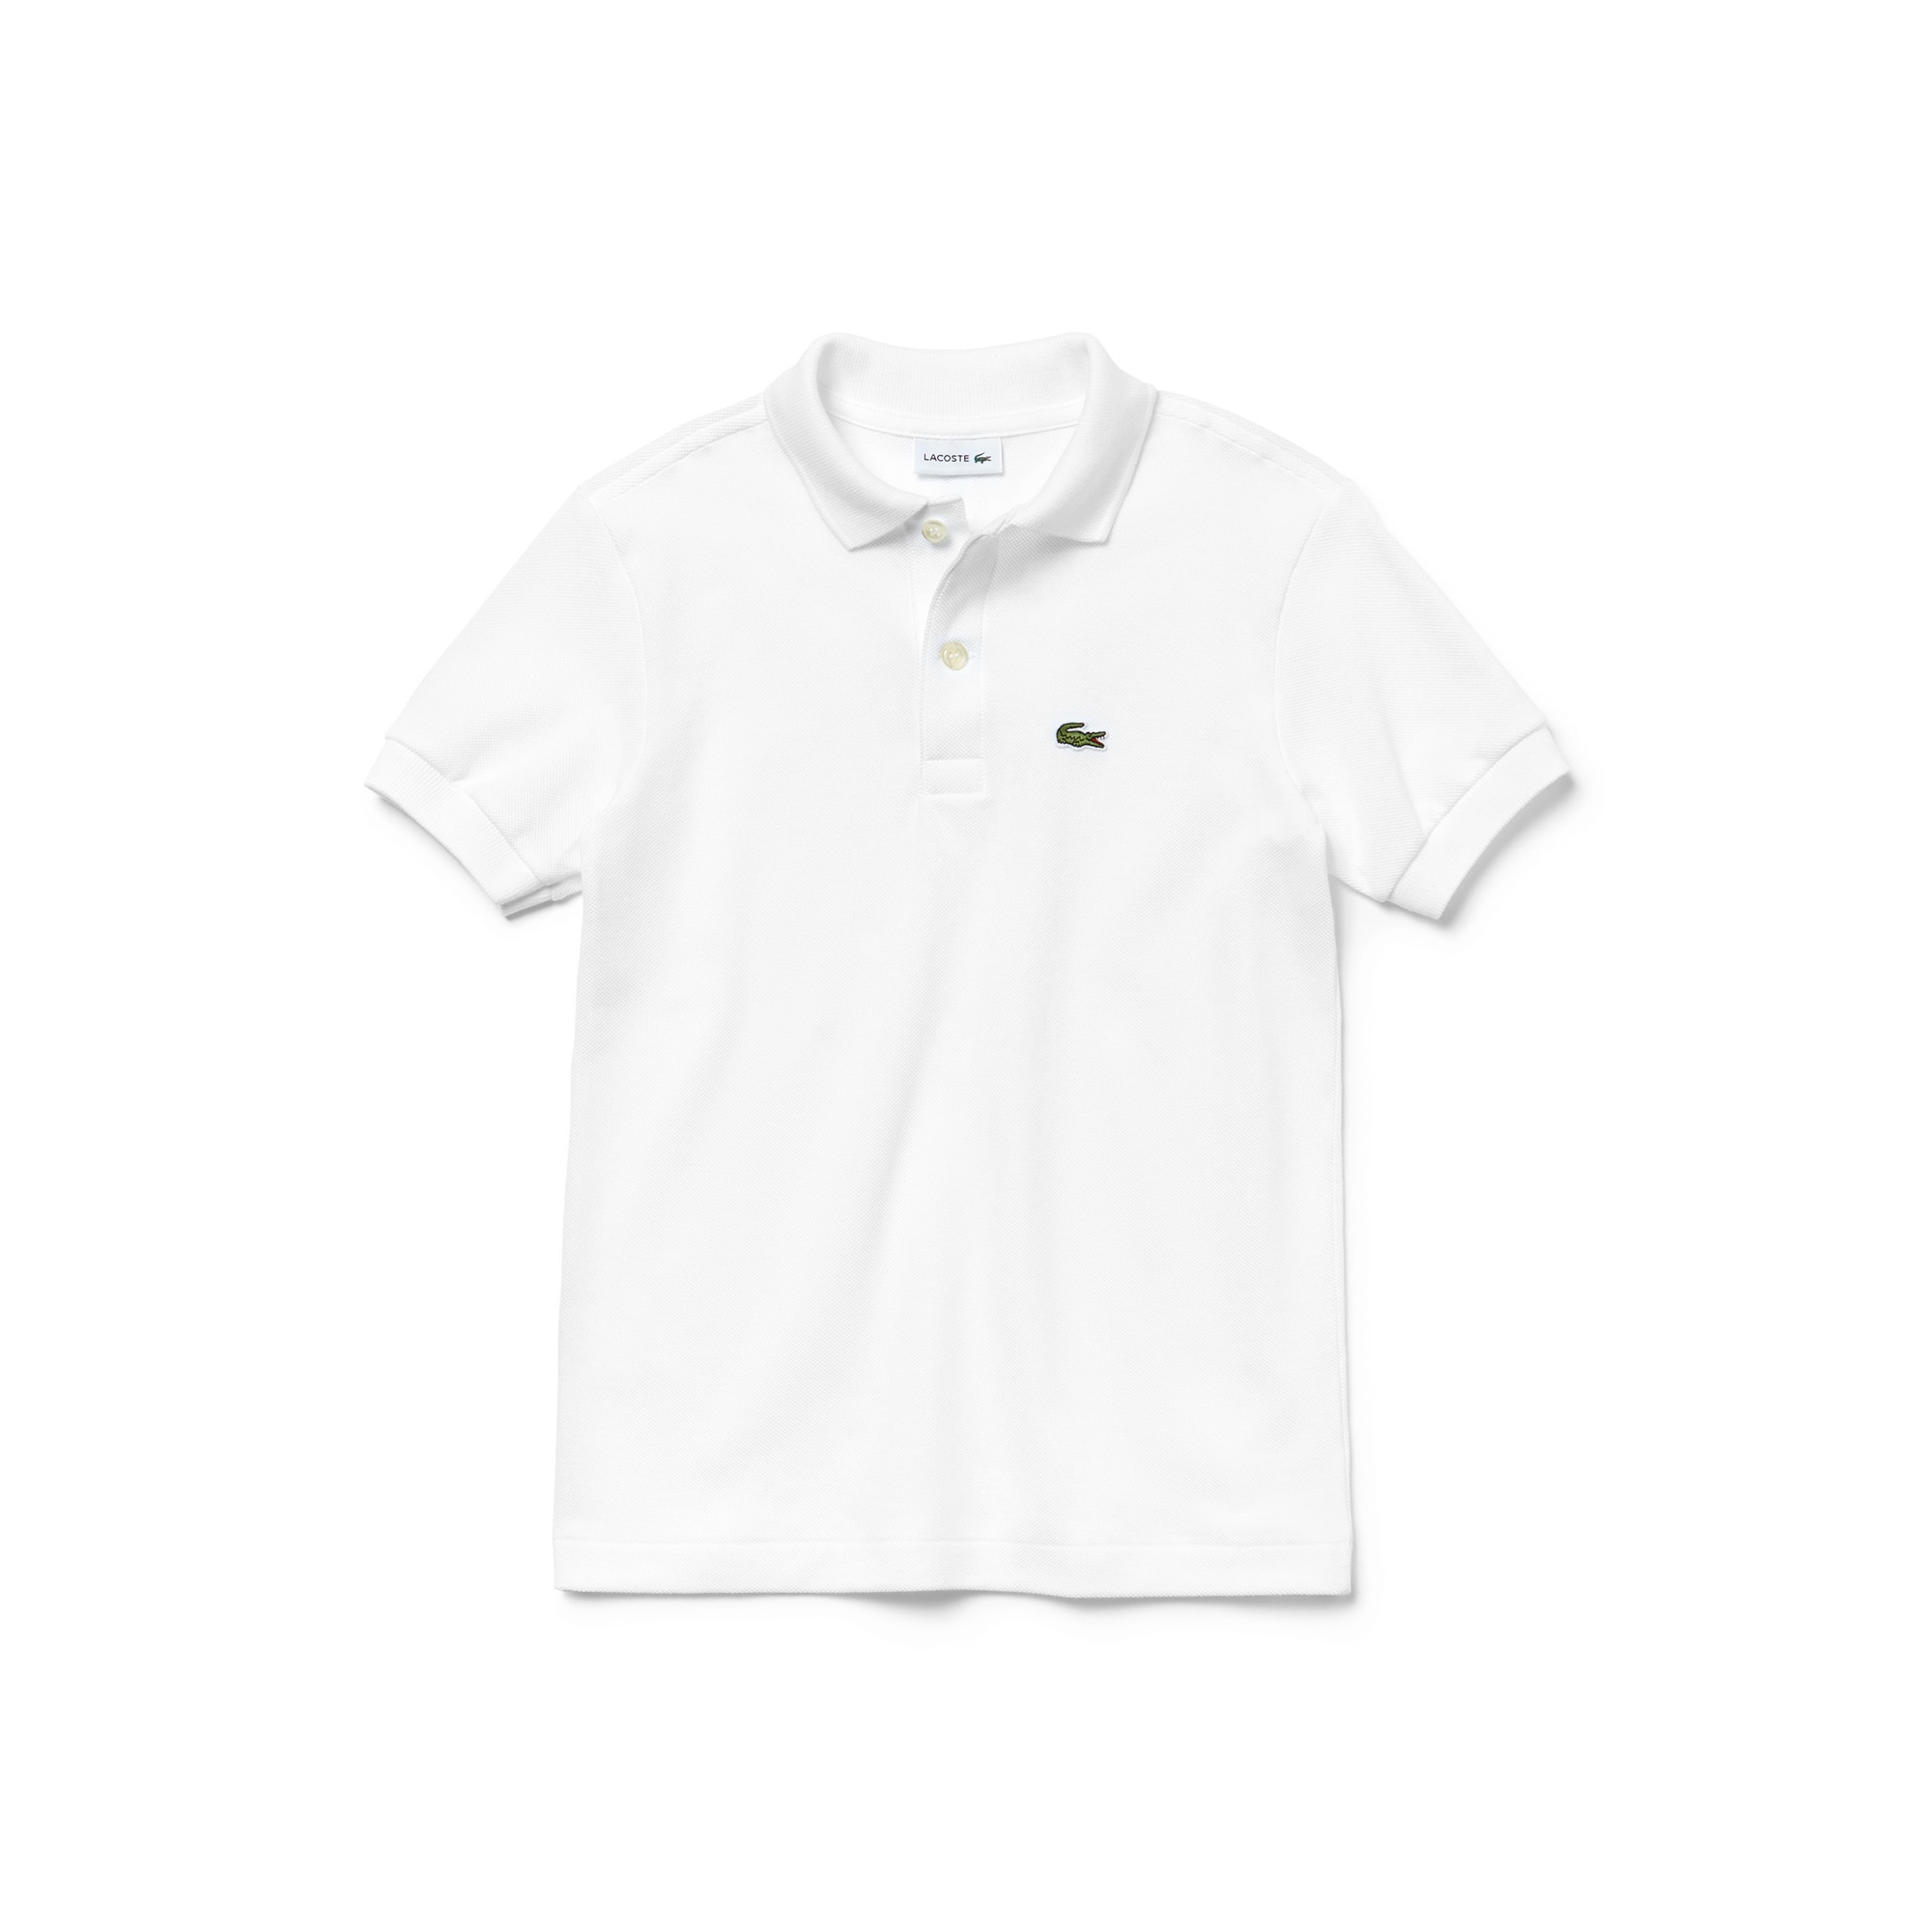 (키즈) 라코스테 쁘띠 피케 폴로 셔츠